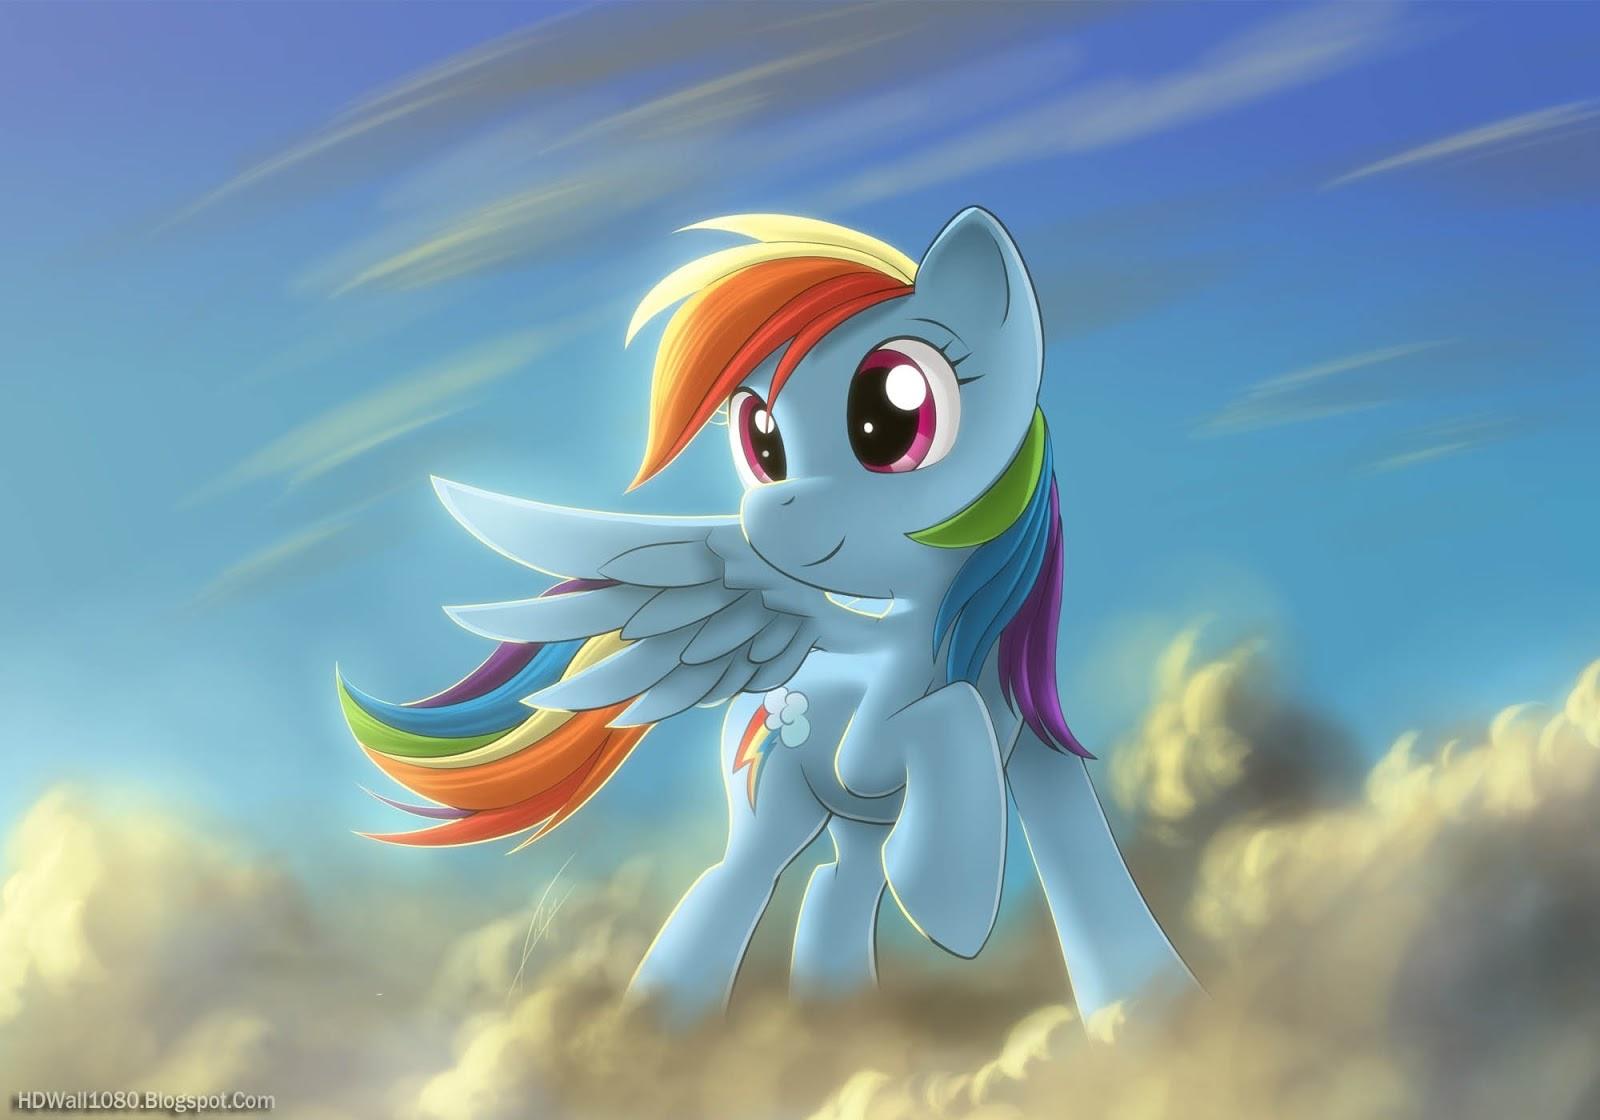 http://3.bp.blogspot.com/-Bpg9u2Cksag/ULo5x3cXhgI/AAAAAAAABIg/vLHFzgK0B_Y/s1600/My+Little+Pony+Cartoon+Wallpaper+HD.jpg